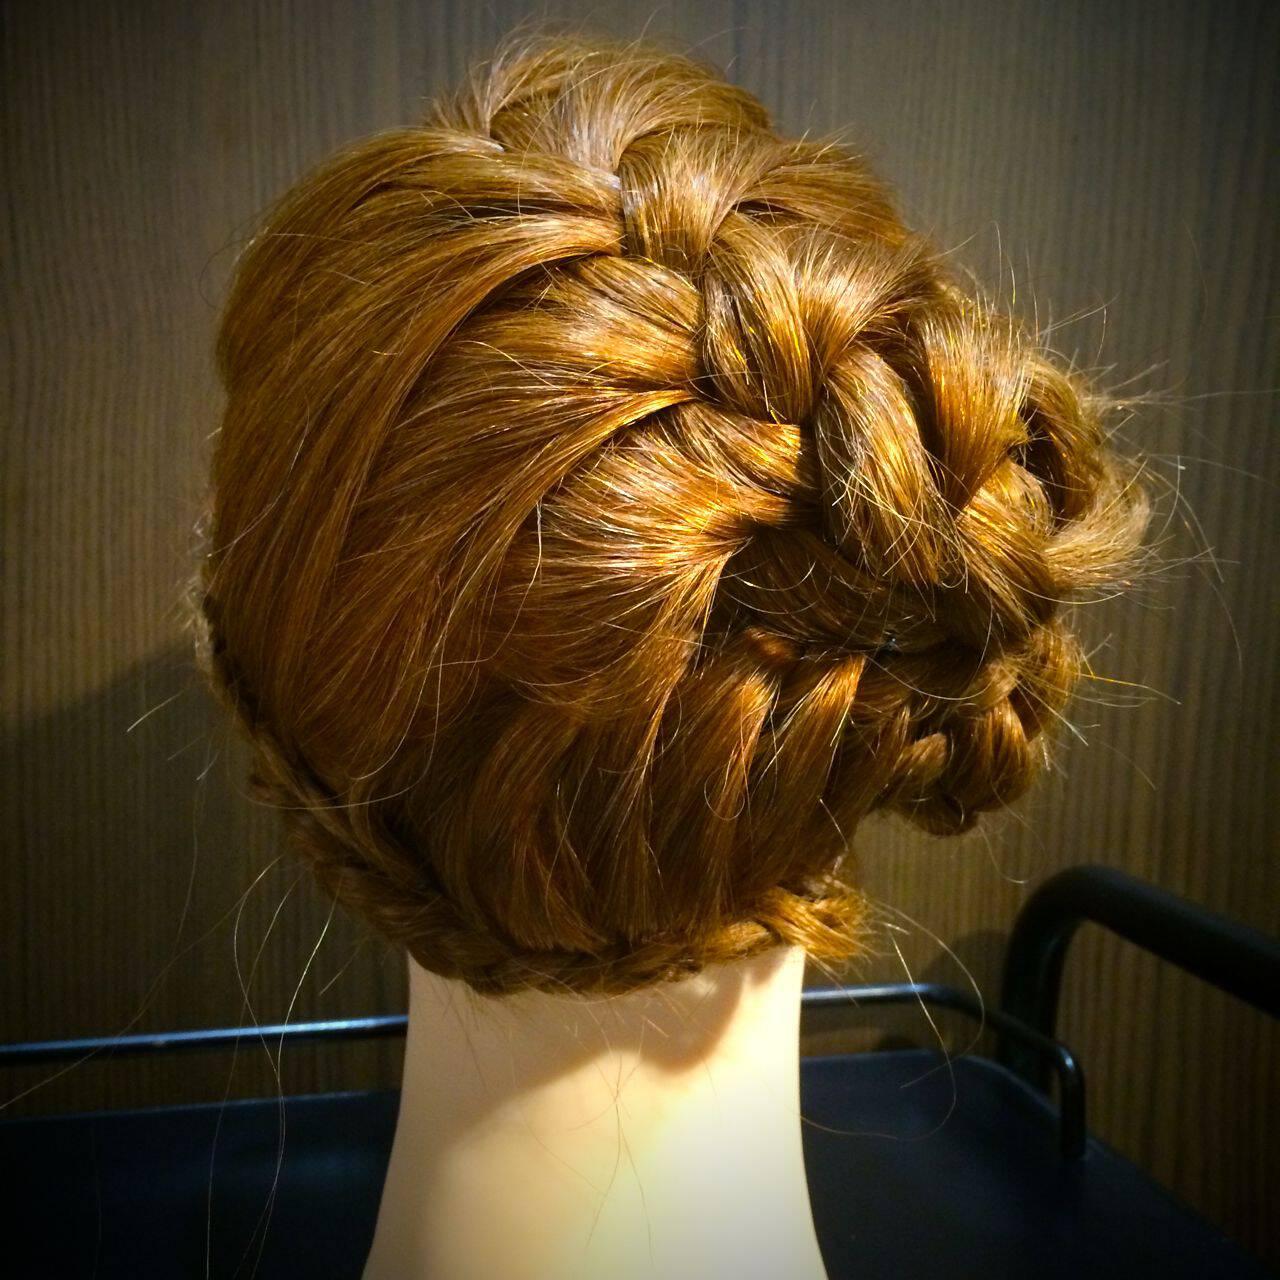 モテ髪 コンサバ 夏 編み込みヘアスタイルや髪型の写真・画像